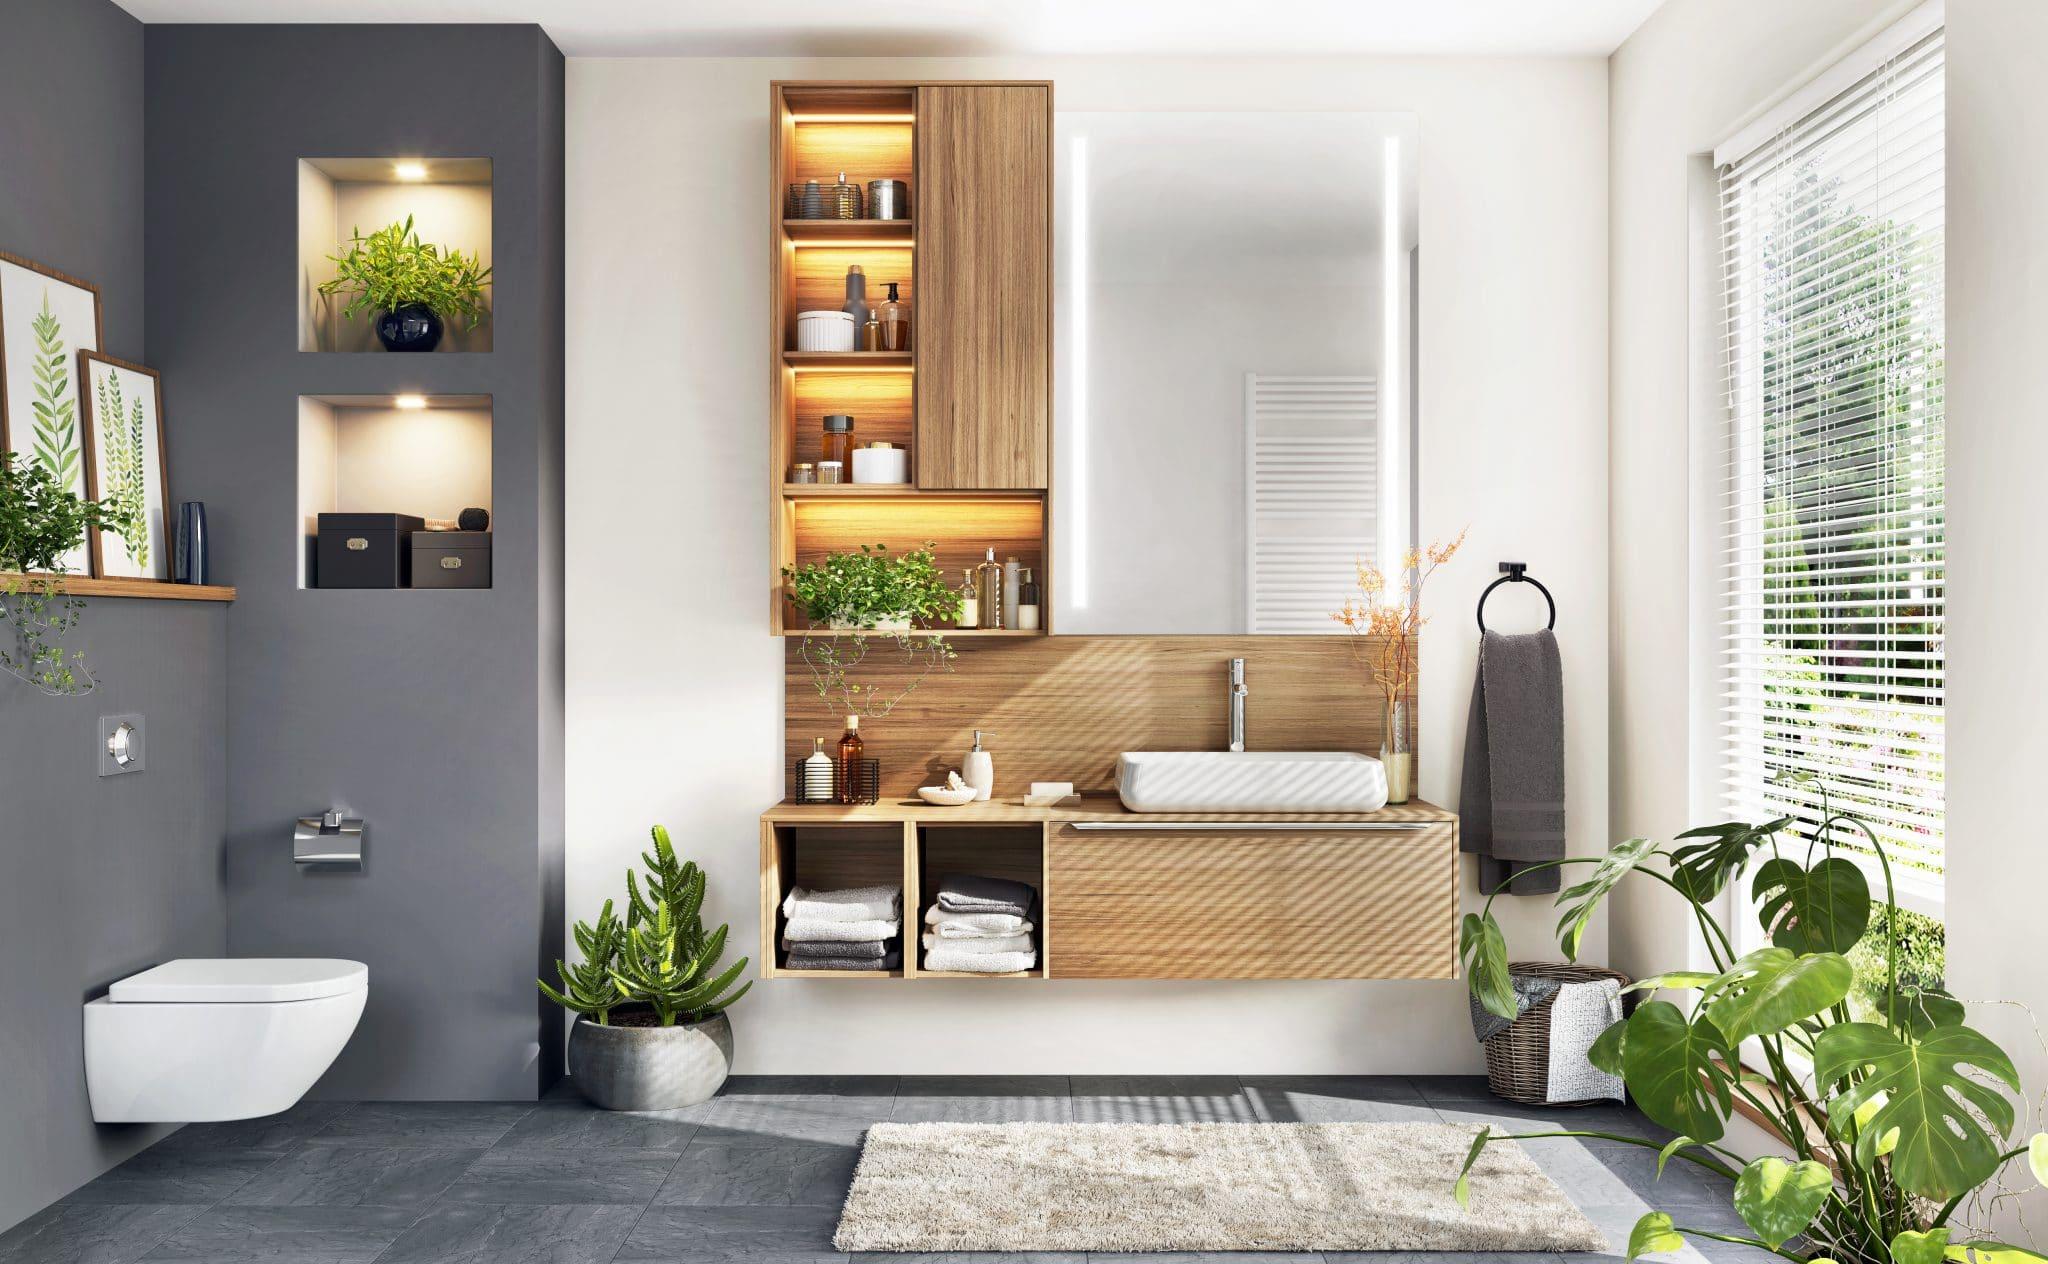 Rénovation d'appartement Châteauroux (36)